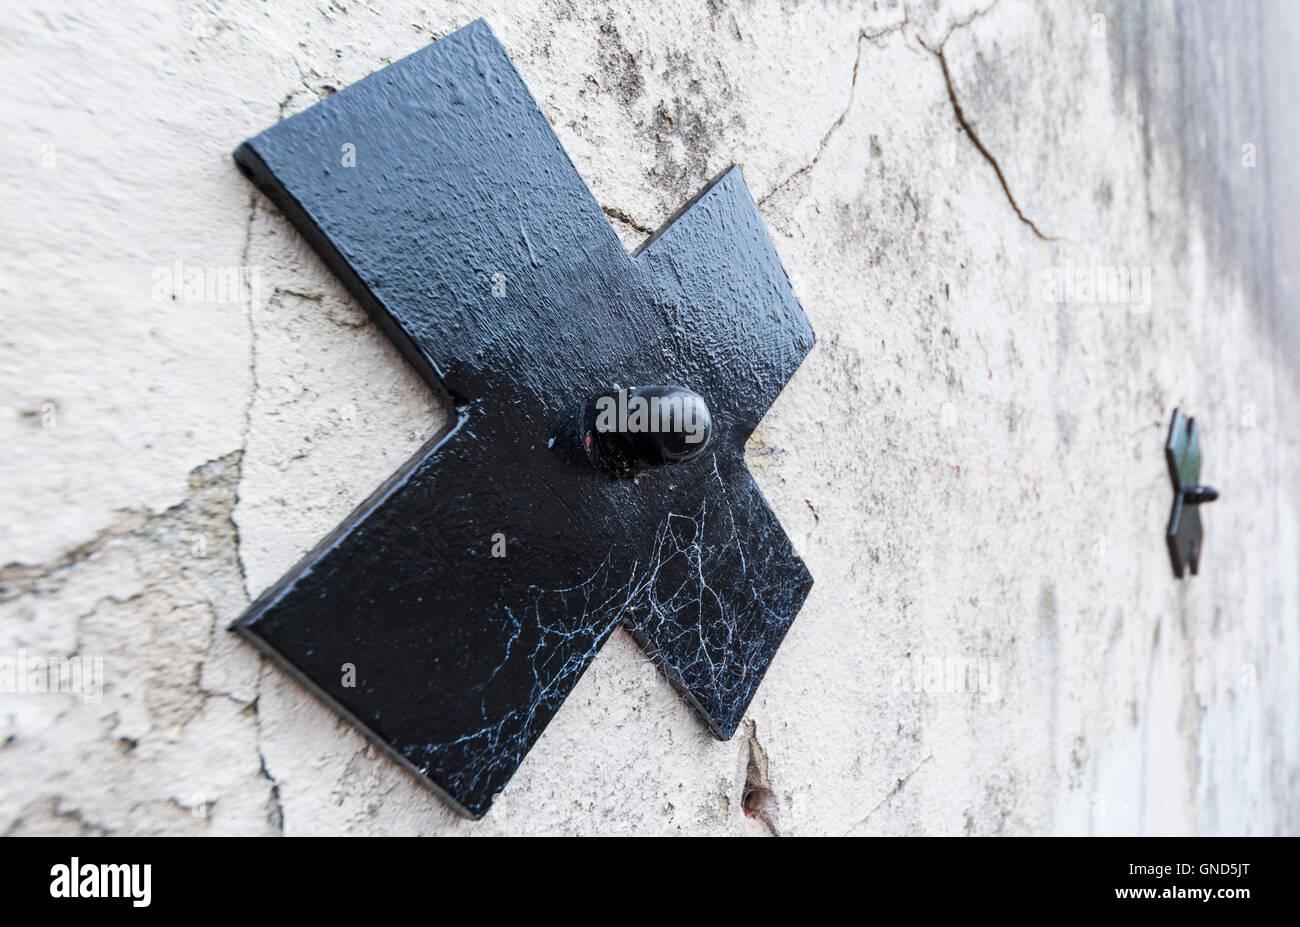 Placa Pattress en una pared sujeción que fija la inestabilidad de la pared exterior. Imagen De Stock